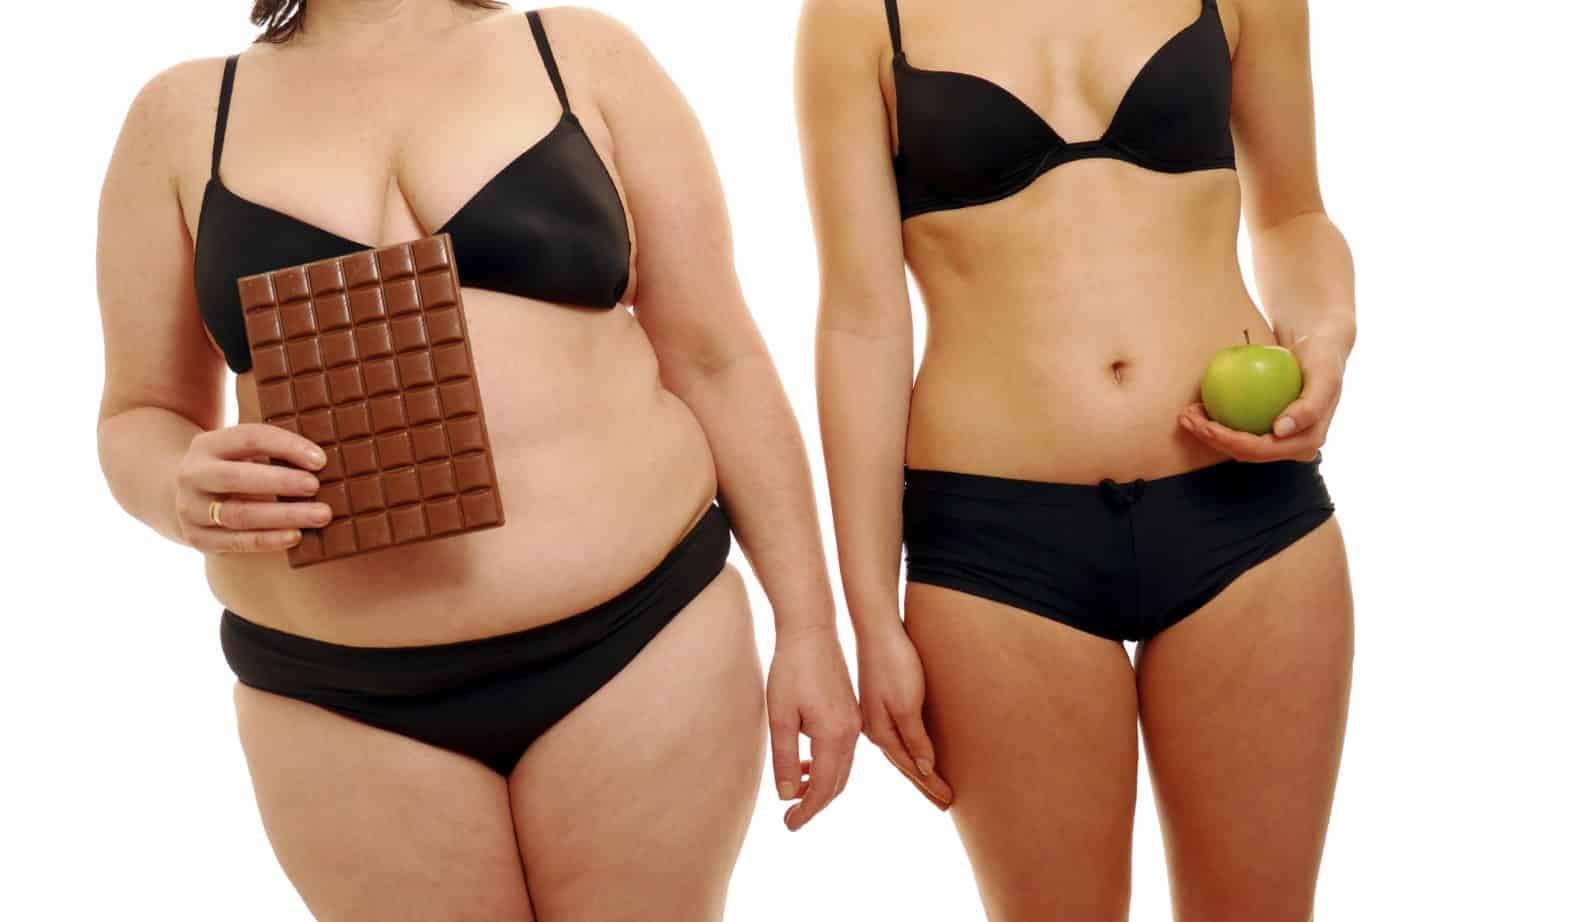 Самый Быстрый И Эффективный Способ Похудеть. Как быстро похудеть: 9 самых популярных способов и 5 рекомендаций диетологов